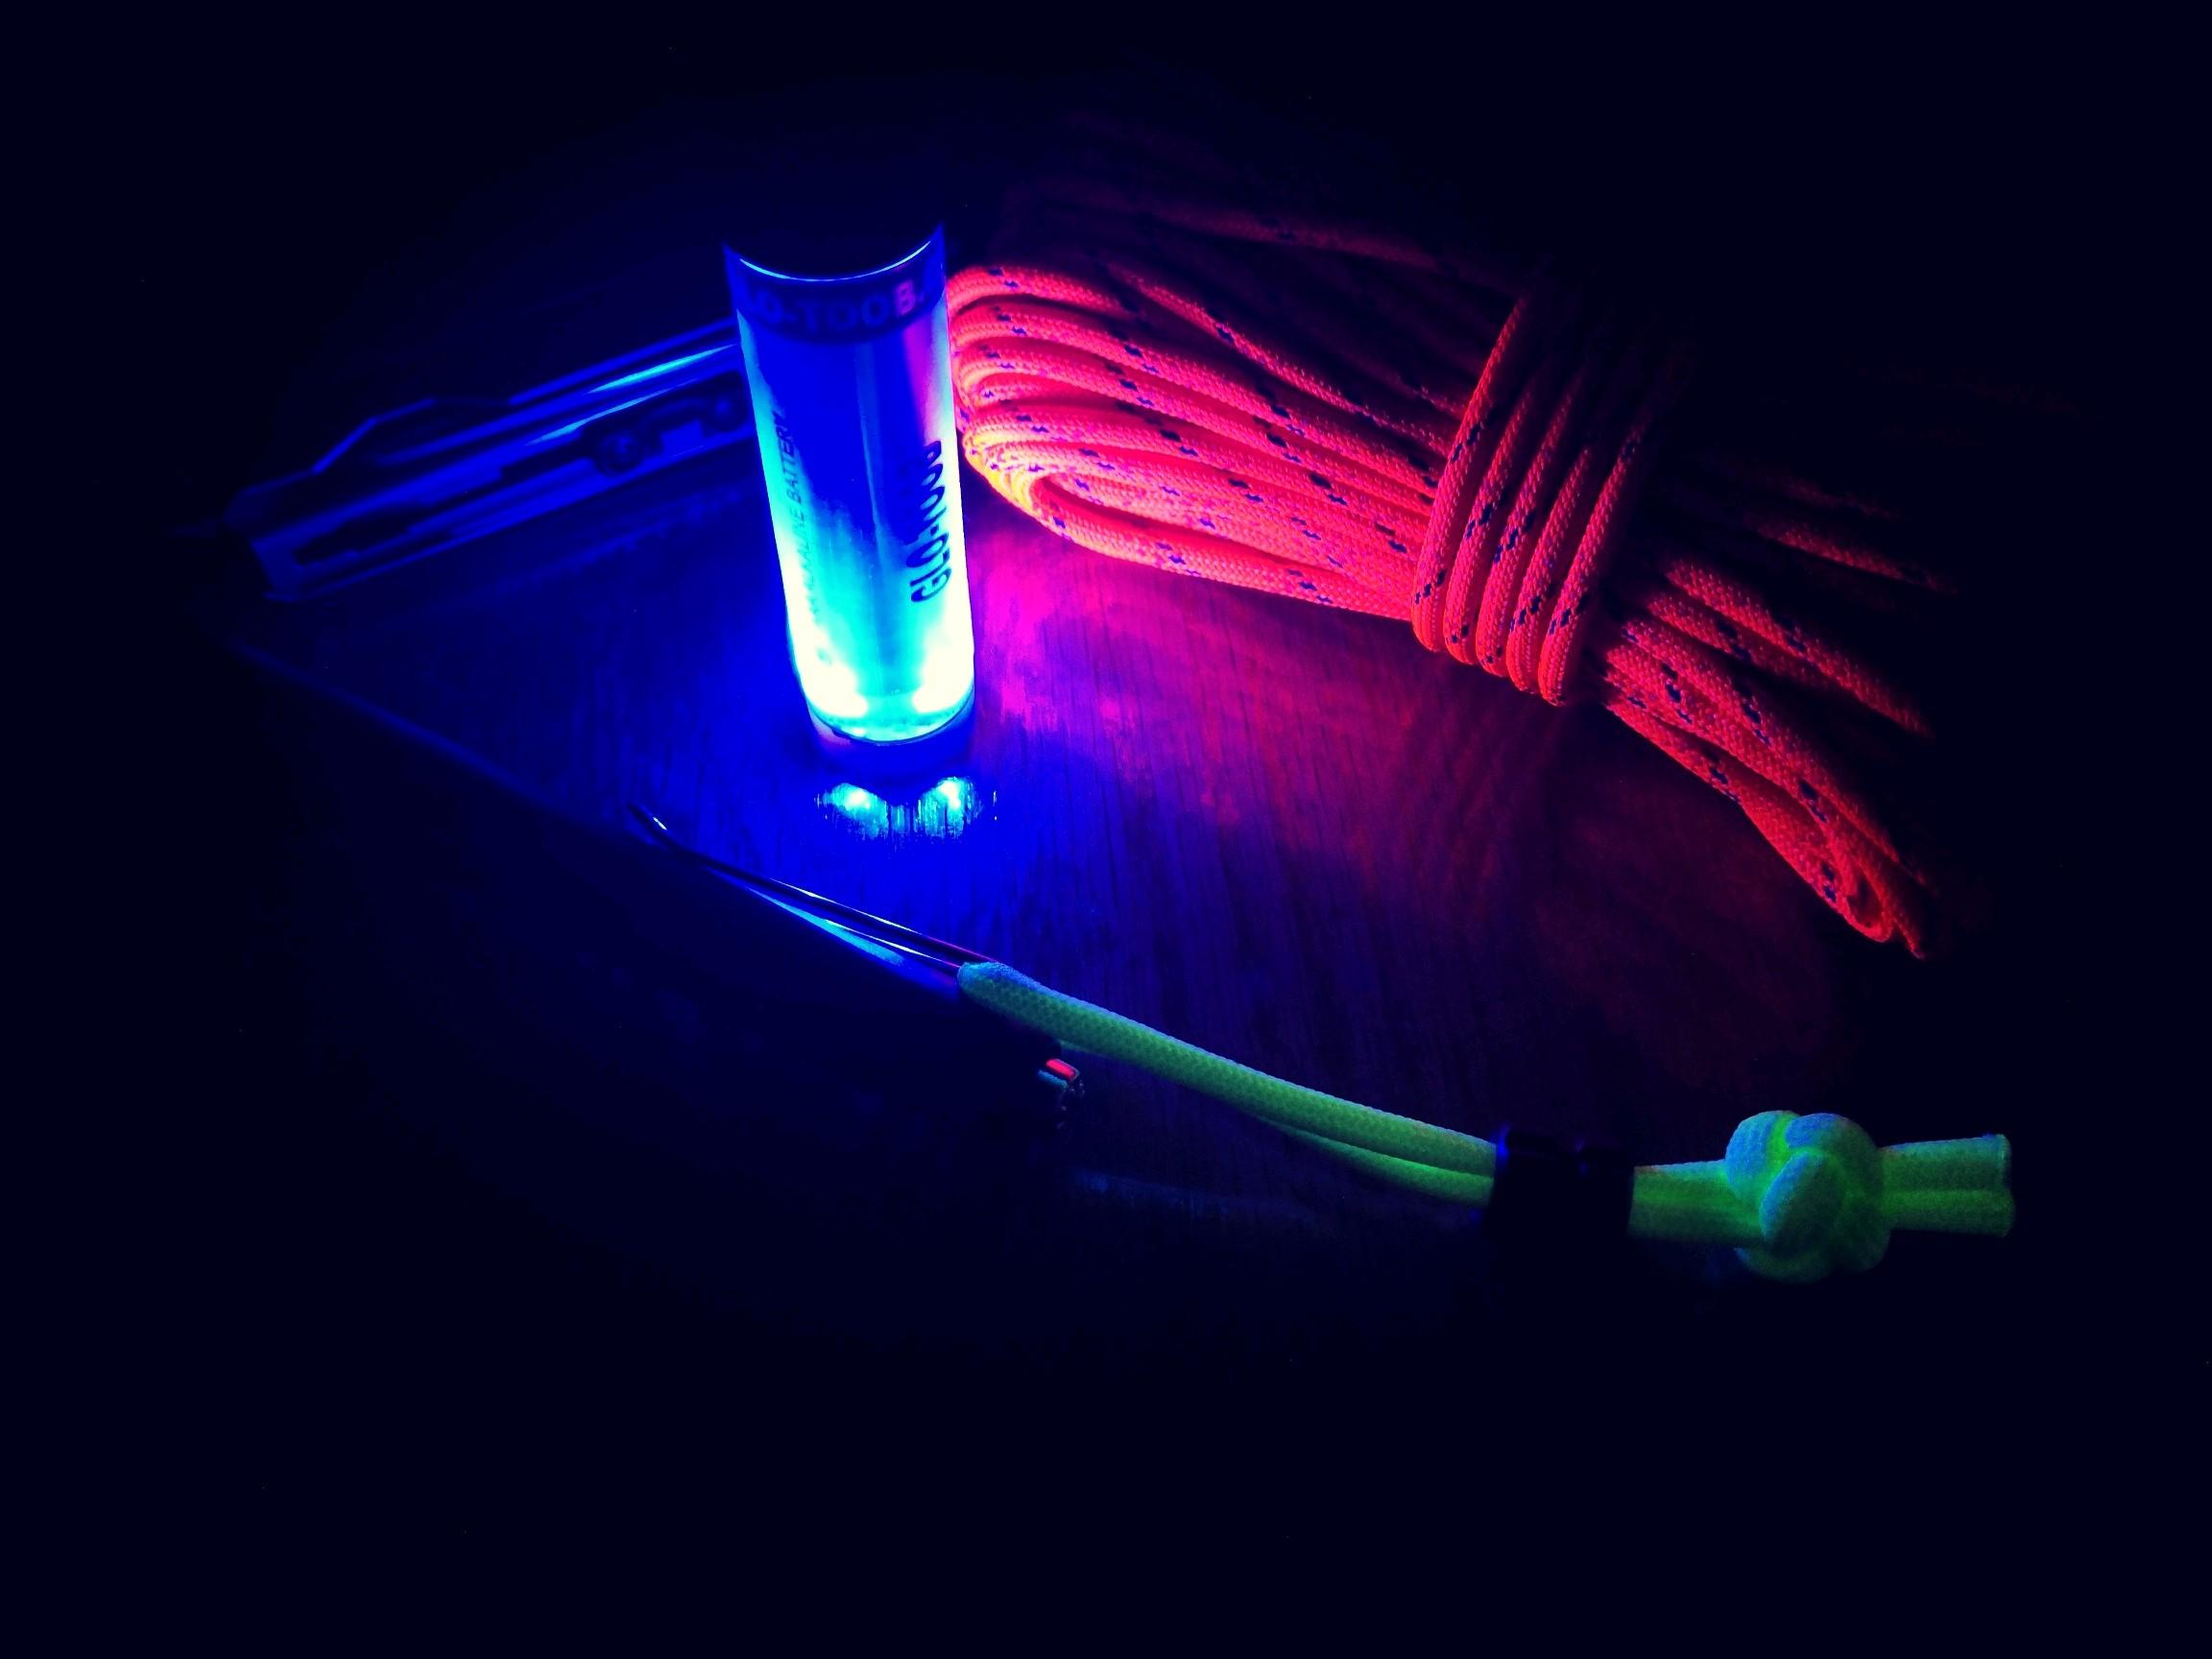 七种变换——歌路途GT-AAA Aurora信号灯